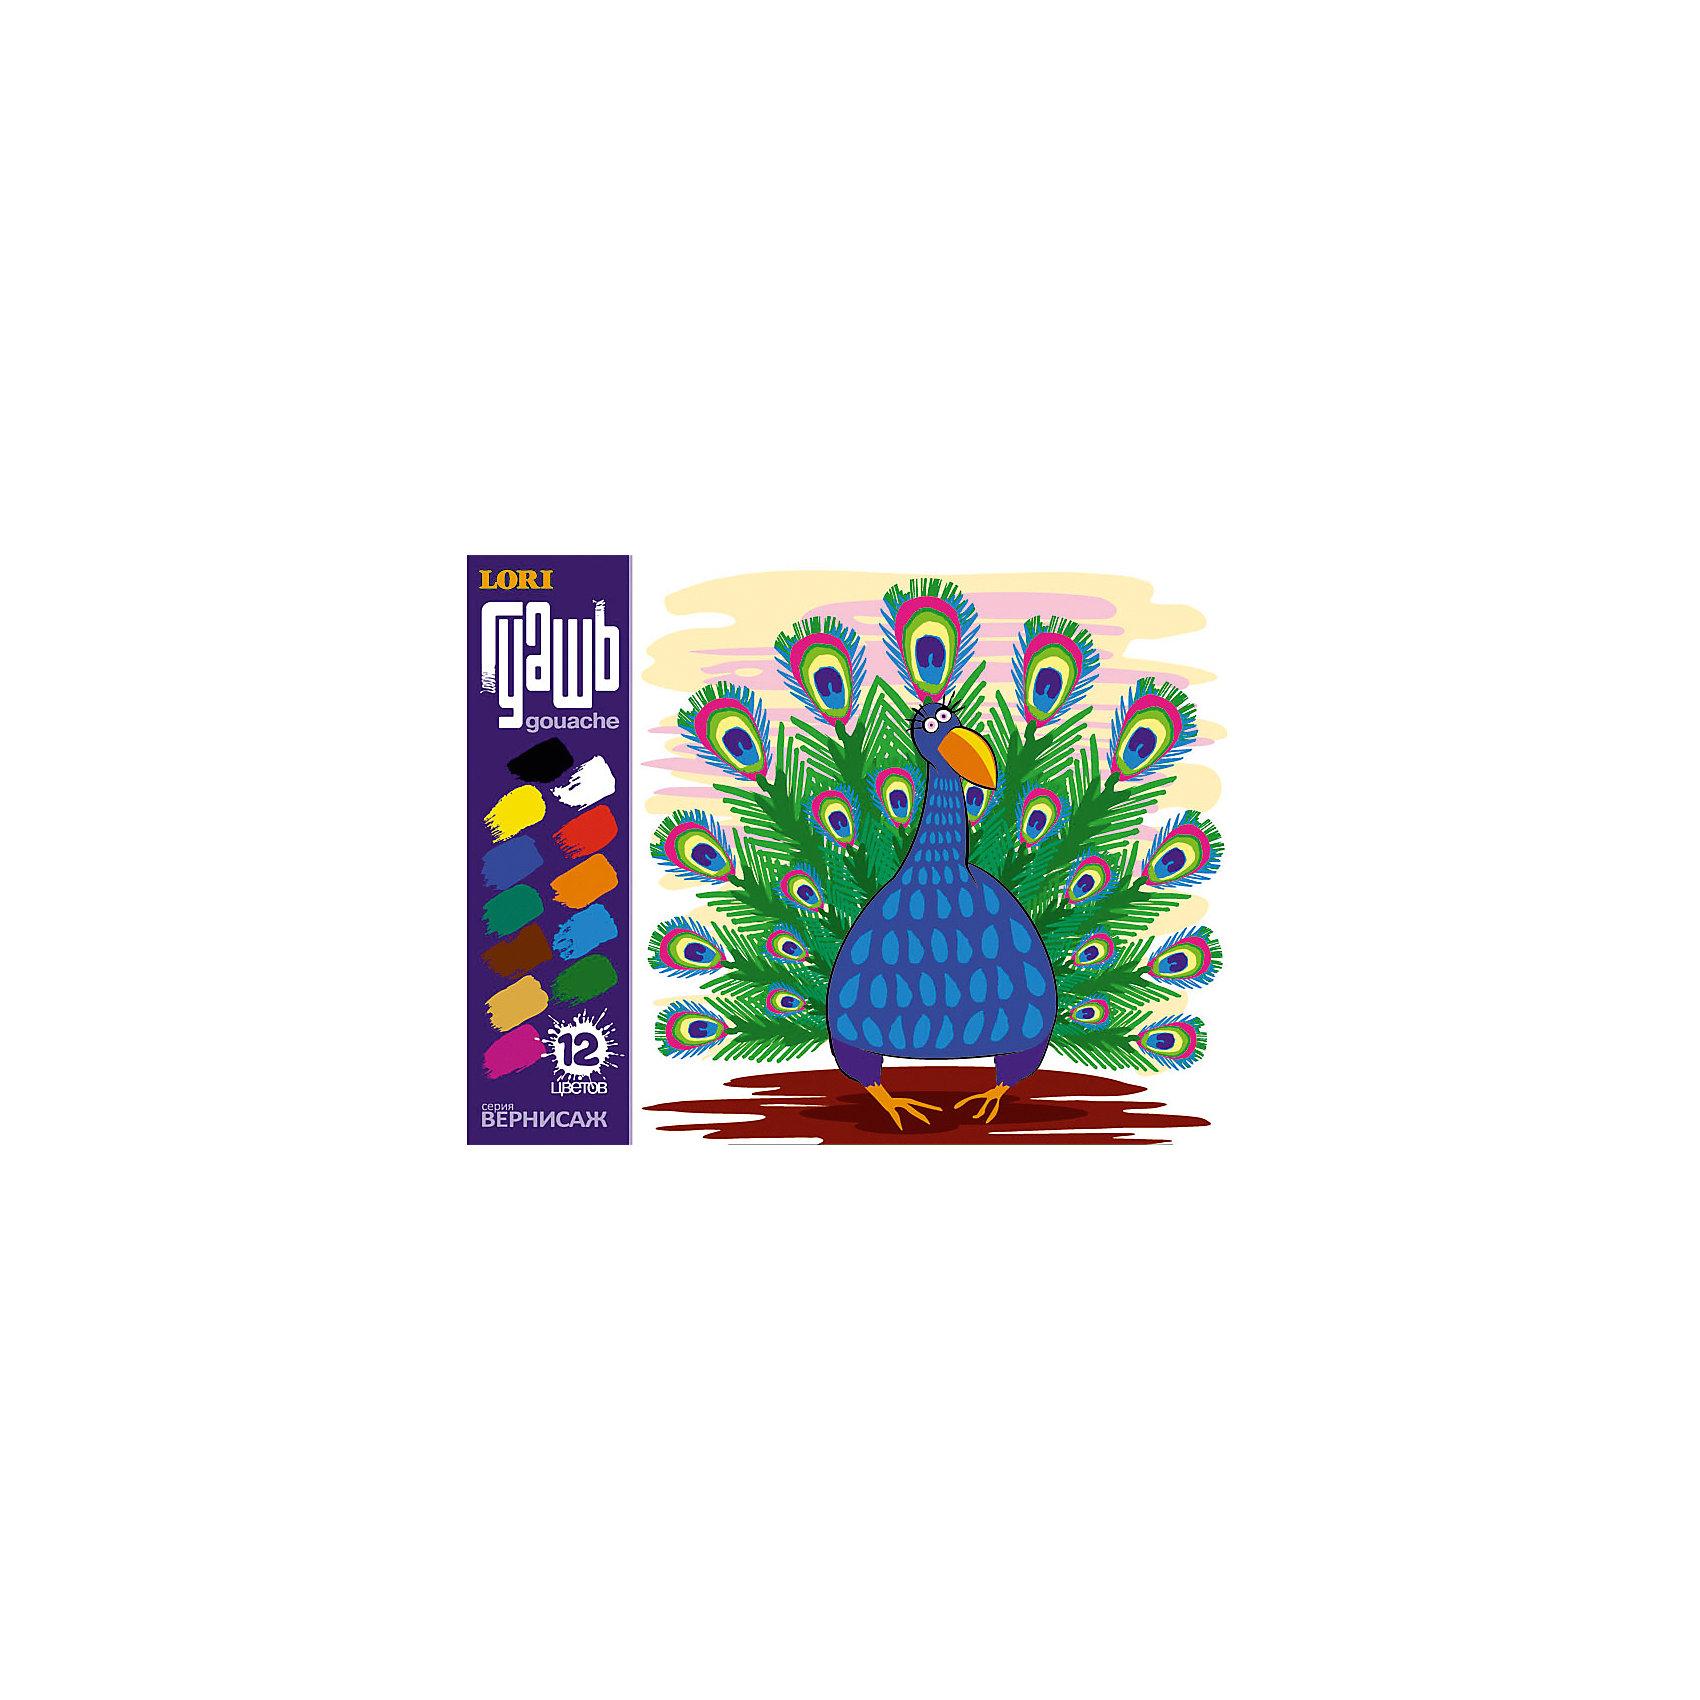 Гуашь Вернисаж, 12 цветовГуашь Вернисаж, 12 цветов - это качественный набор для детского творчества и декоративно-оформительских работ.<br>Гуашь Вернисаж предназначена для рисования по бумаге, картону, дереву и стеклу. Набор включает в себя двенадцать баночек разноцветной гуаши. Каждая пластиковая баночка закрывается винтовой крышкой. Гуашь имеет насыщенные цвета и однородную структуру, равномерно ложится на бумагу, не требуя многократного прокрашивания. Яркие цвета хорошо смешиваются и дают множество оттенков. Легко размываются водой и быстро сохнут. При высыхании приобретают матово-бархатистую поверхность. Гуашь Вернисаж изготовлена на основе натуральных компонентов и высококачественных пигментов.<br><br>Дополнительная информация:<br><br>- В наборе: гуашь 12 цветов (по 20 мл)<br>- Цвета: розовый, бежевый, два оттенка зеленого, коричневый, синий, голубой, оранжевый, желтый, красный, белый, черный<br>- Состав: вода, декстрин, глицерин, органические и неорганические тонкодисперсные пигменты<br>- Упаковка: картонная коробка<br>- Размер упаковки: 12,3 х 16 х 4 см.<br>- Вес: 399 гр.<br><br>Гуашь Вернисаж, 12 цветов можно купить в нашем интернет-магазине.<br><br>Ширина мм: 123<br>Глубина мм: 160<br>Высота мм: 40<br>Вес г: 399<br>Возраст от месяцев: 36<br>Возраст до месяцев: 144<br>Пол: Унисекс<br>Возраст: Детский<br>SKU: 4249893